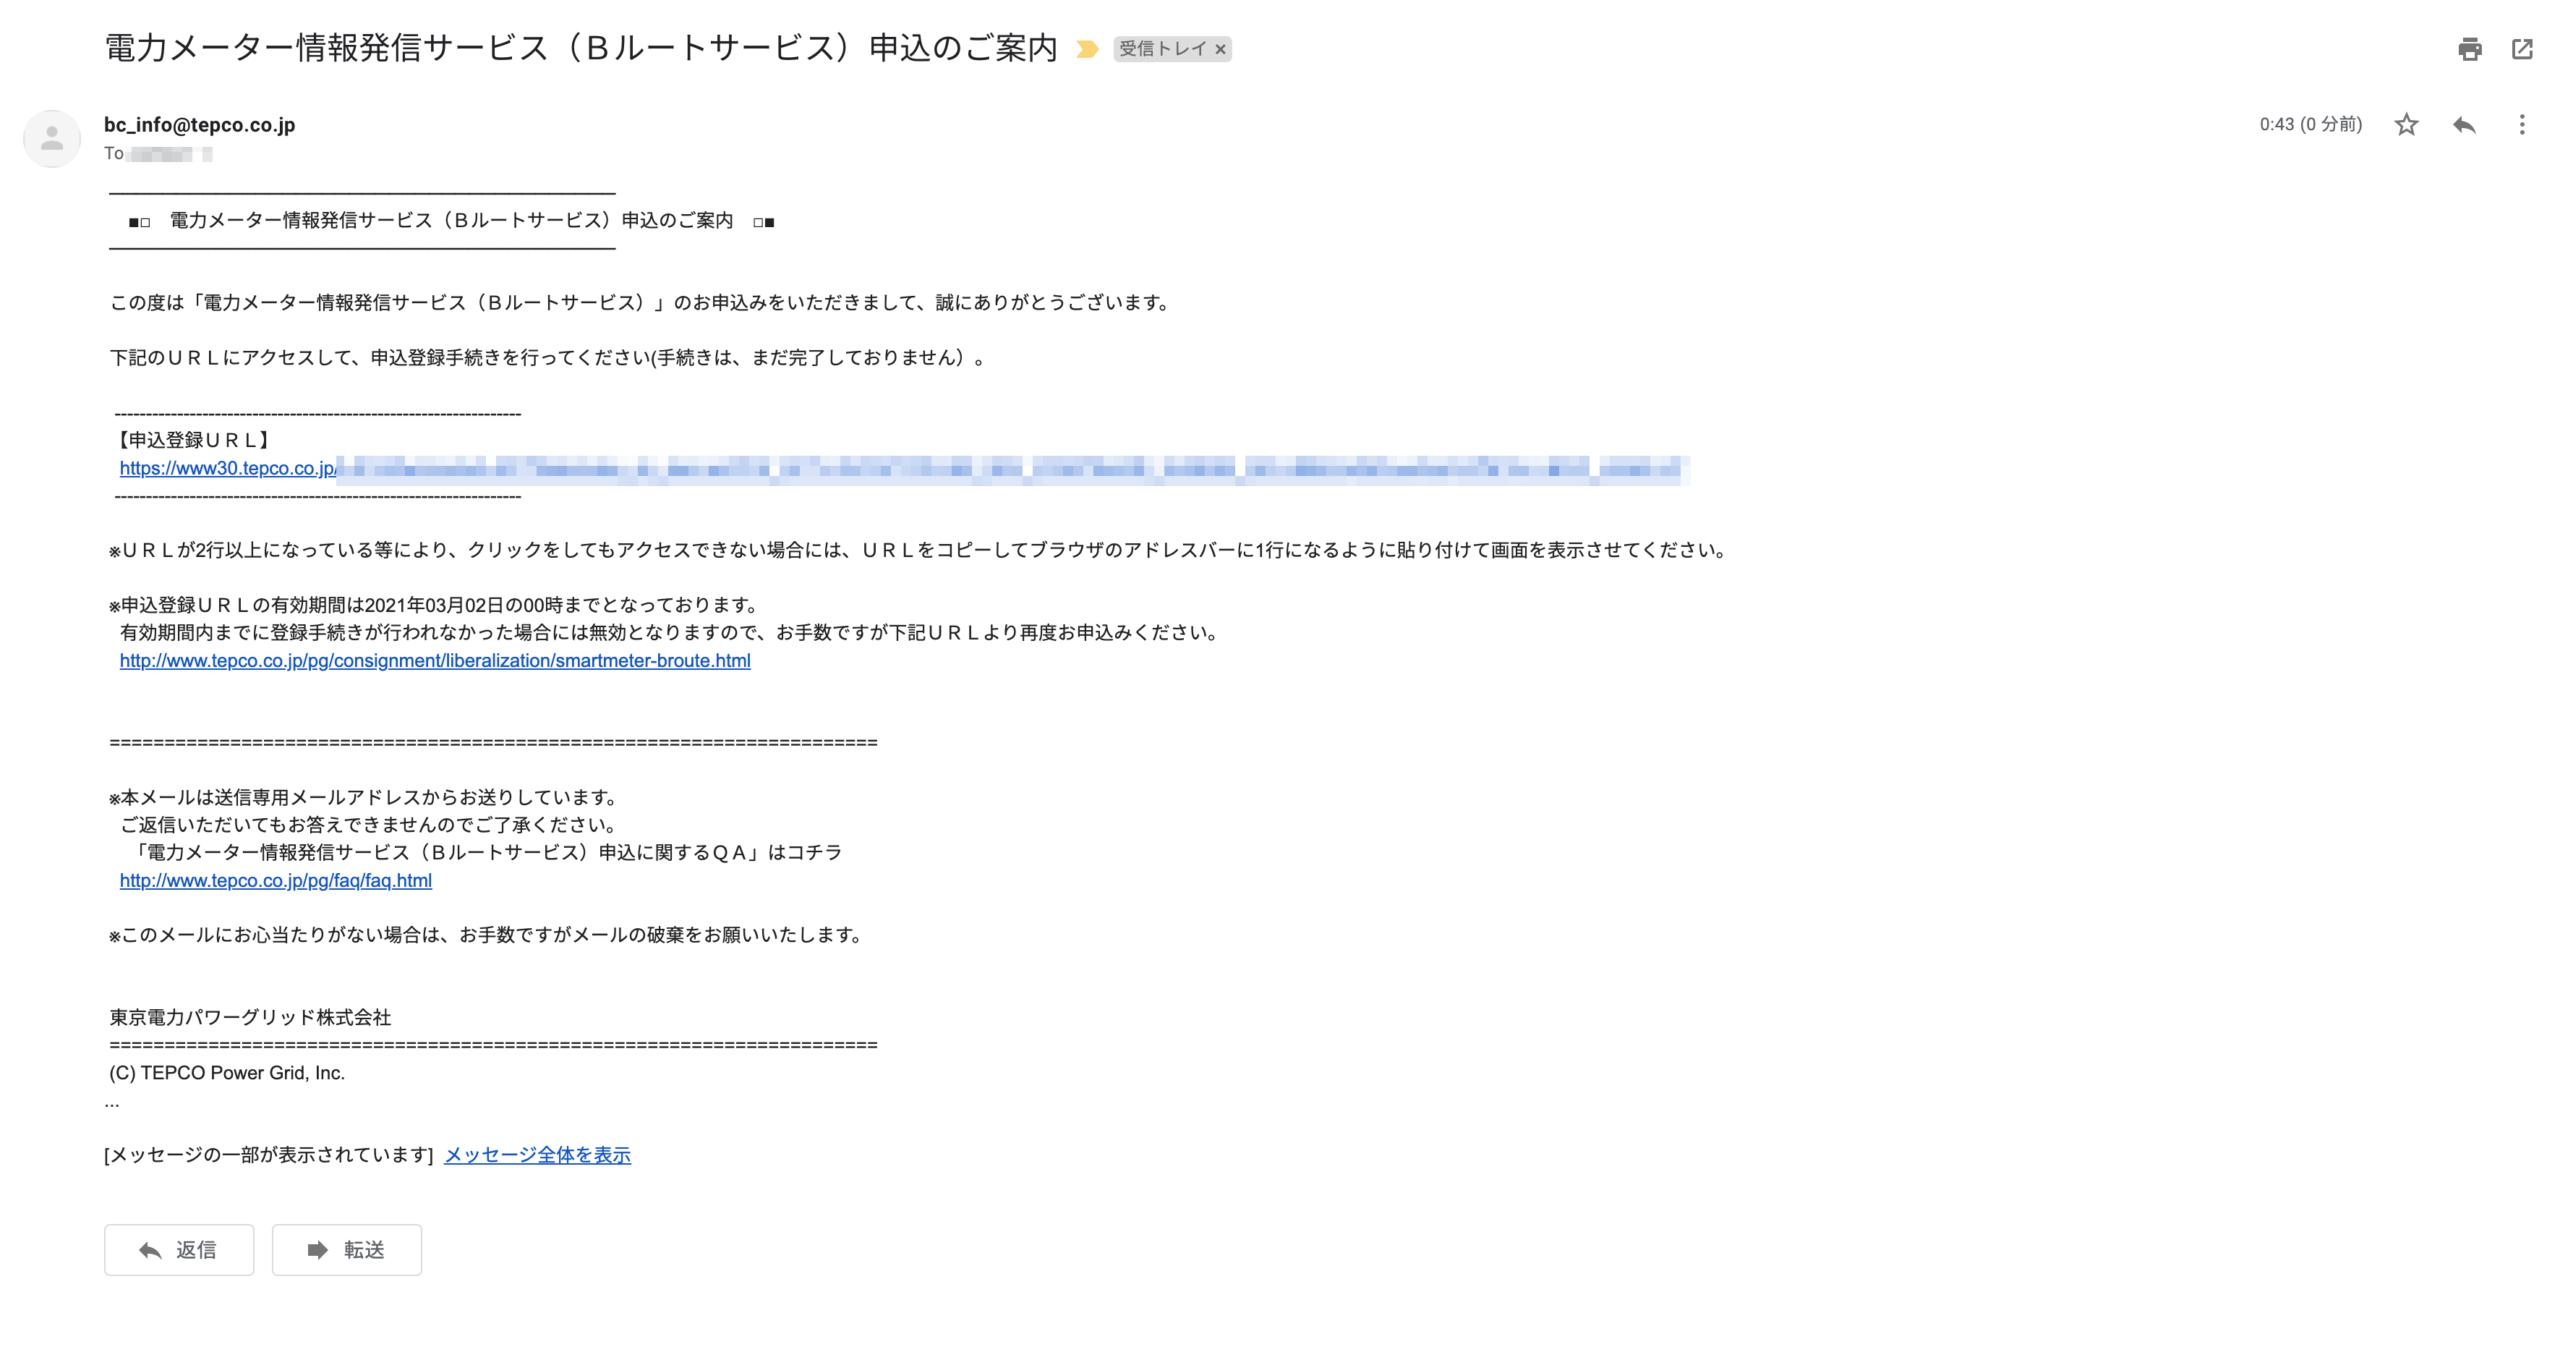 Bルート申し込み方法 メール